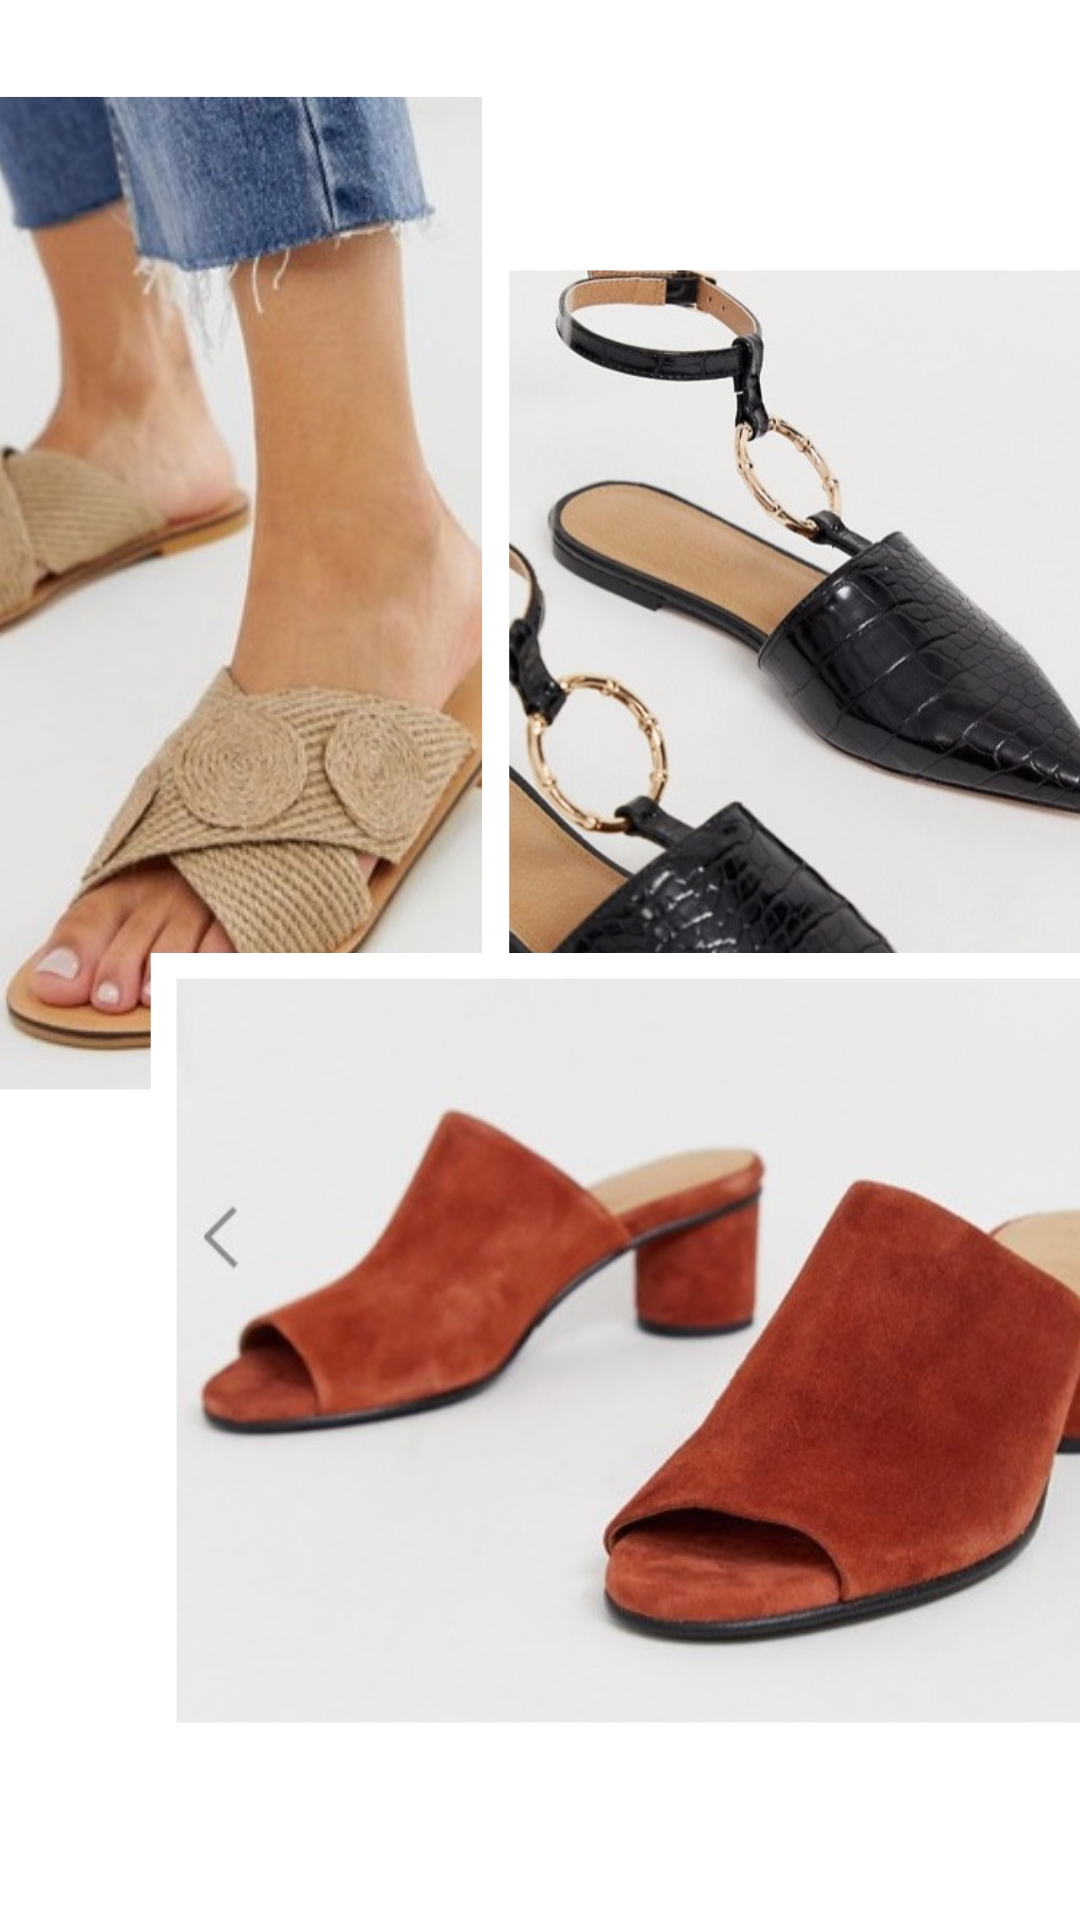 lowest discount outlet for sale united states Tendances chaussures été 2019 : Mes favoris ! – Agathe ...